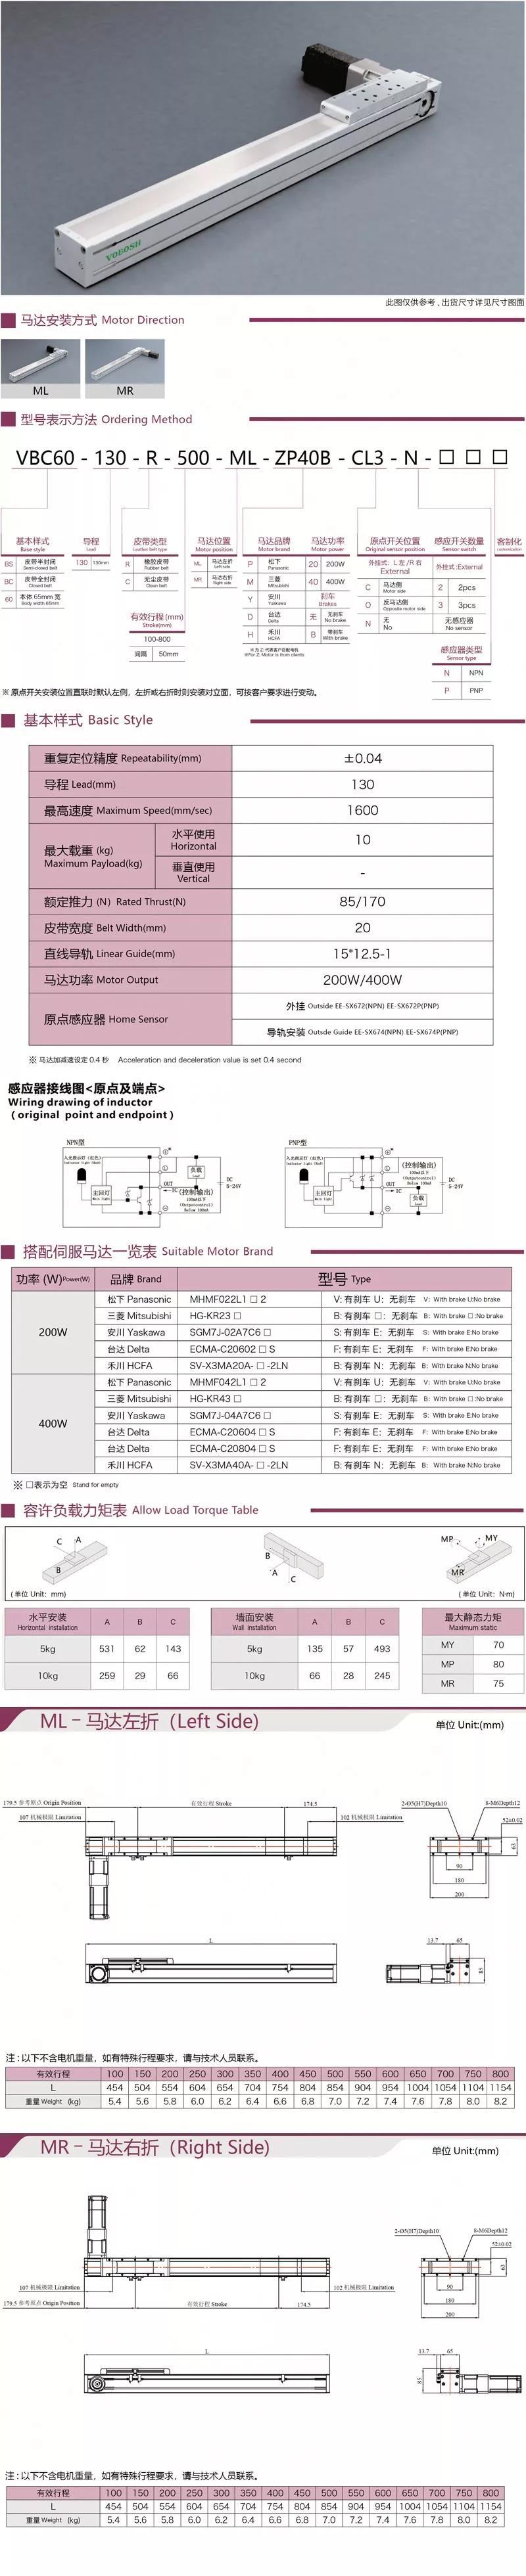 产品推荐:威奥博仕直线模组 VBC 60 皮带传动